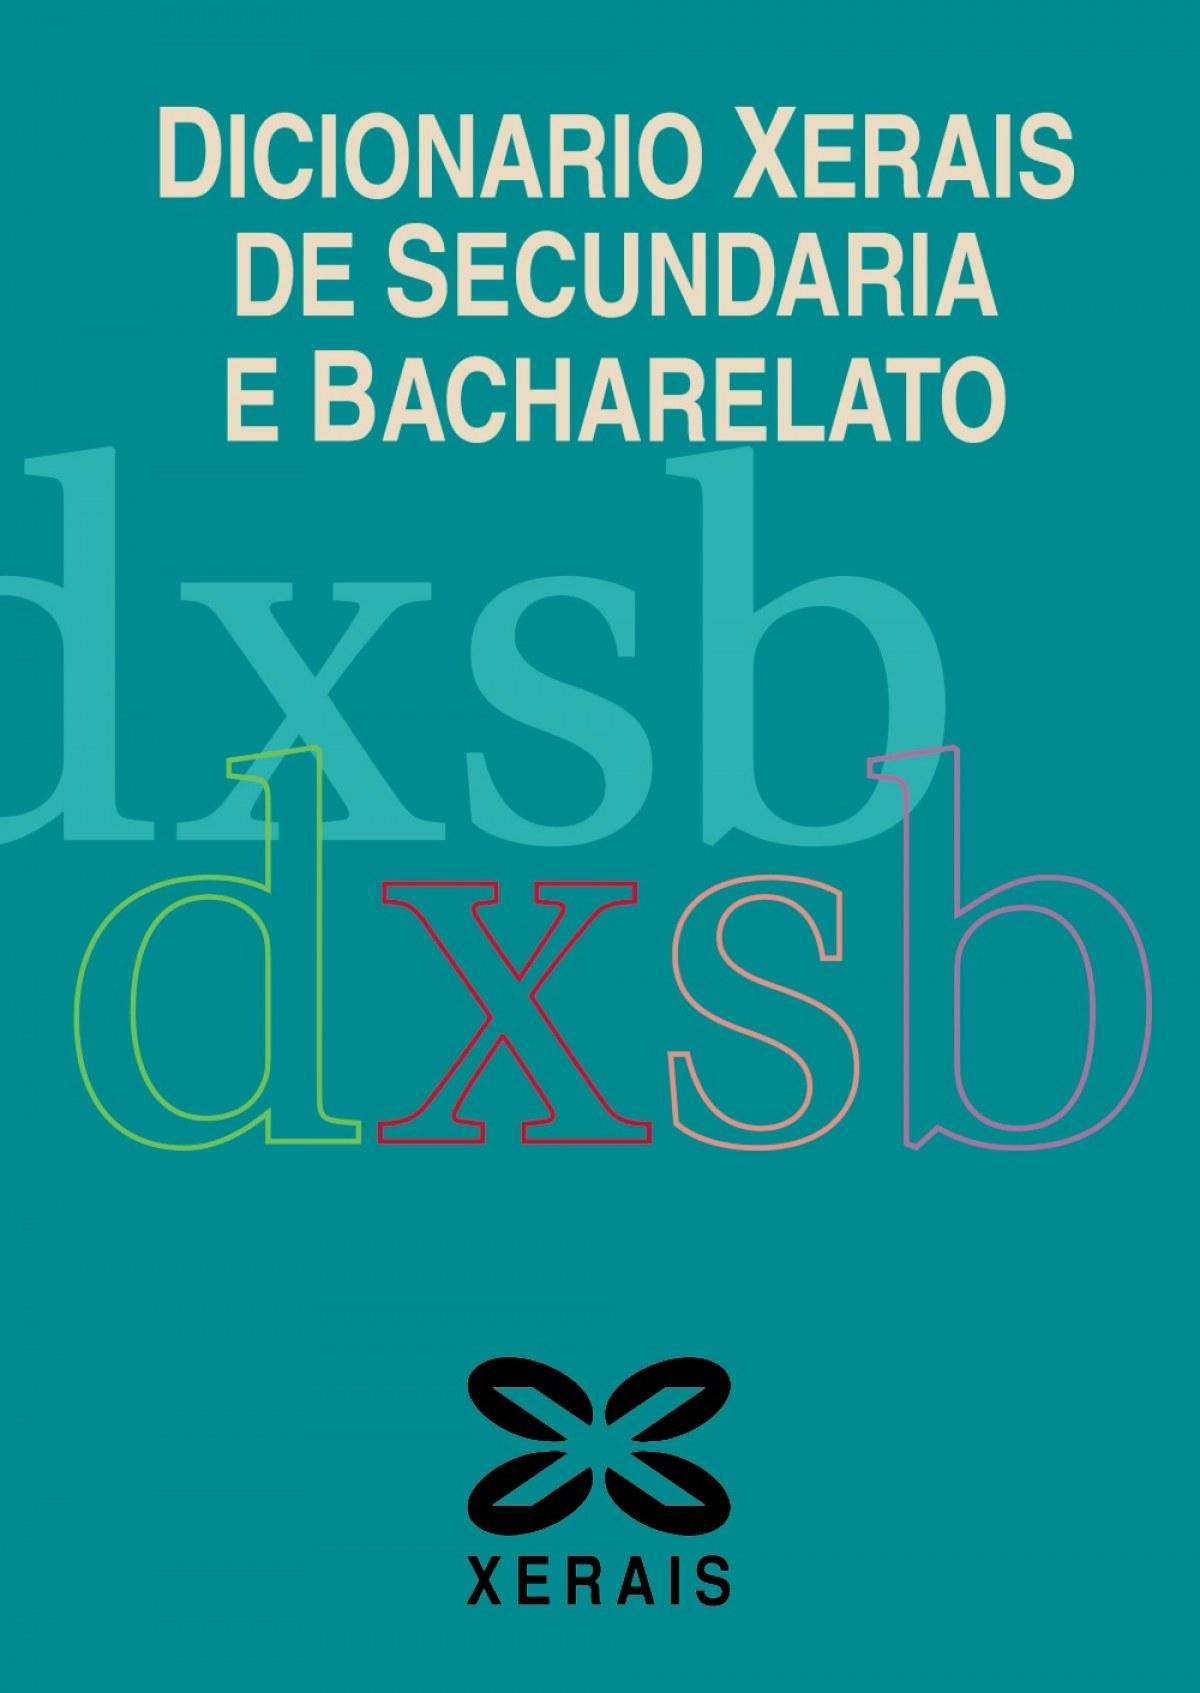 Dicionario Xerais de Secundaria e Bacharelato 9788499147345